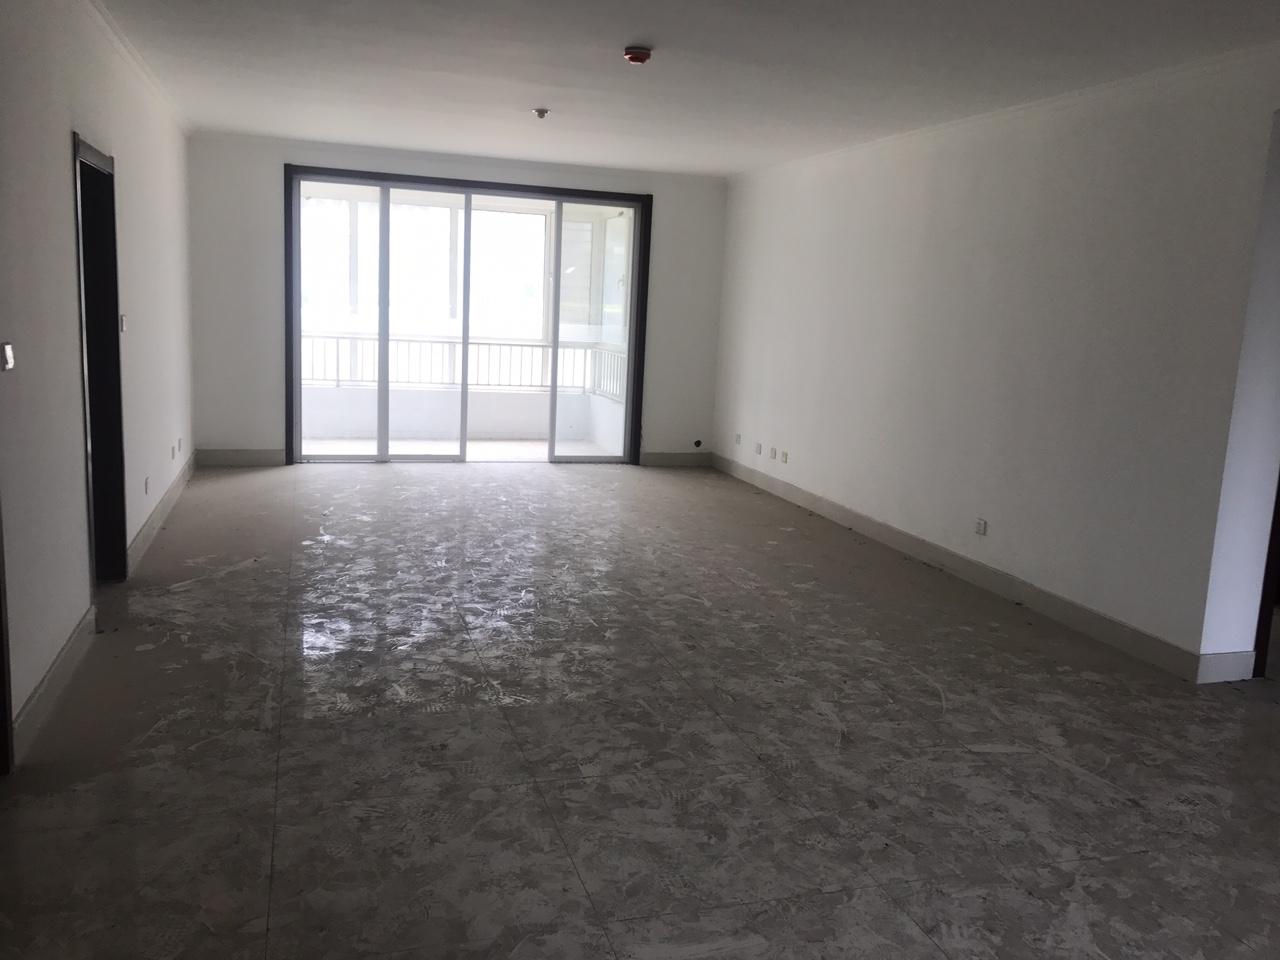 怡华苑3室2厅2卫168万元